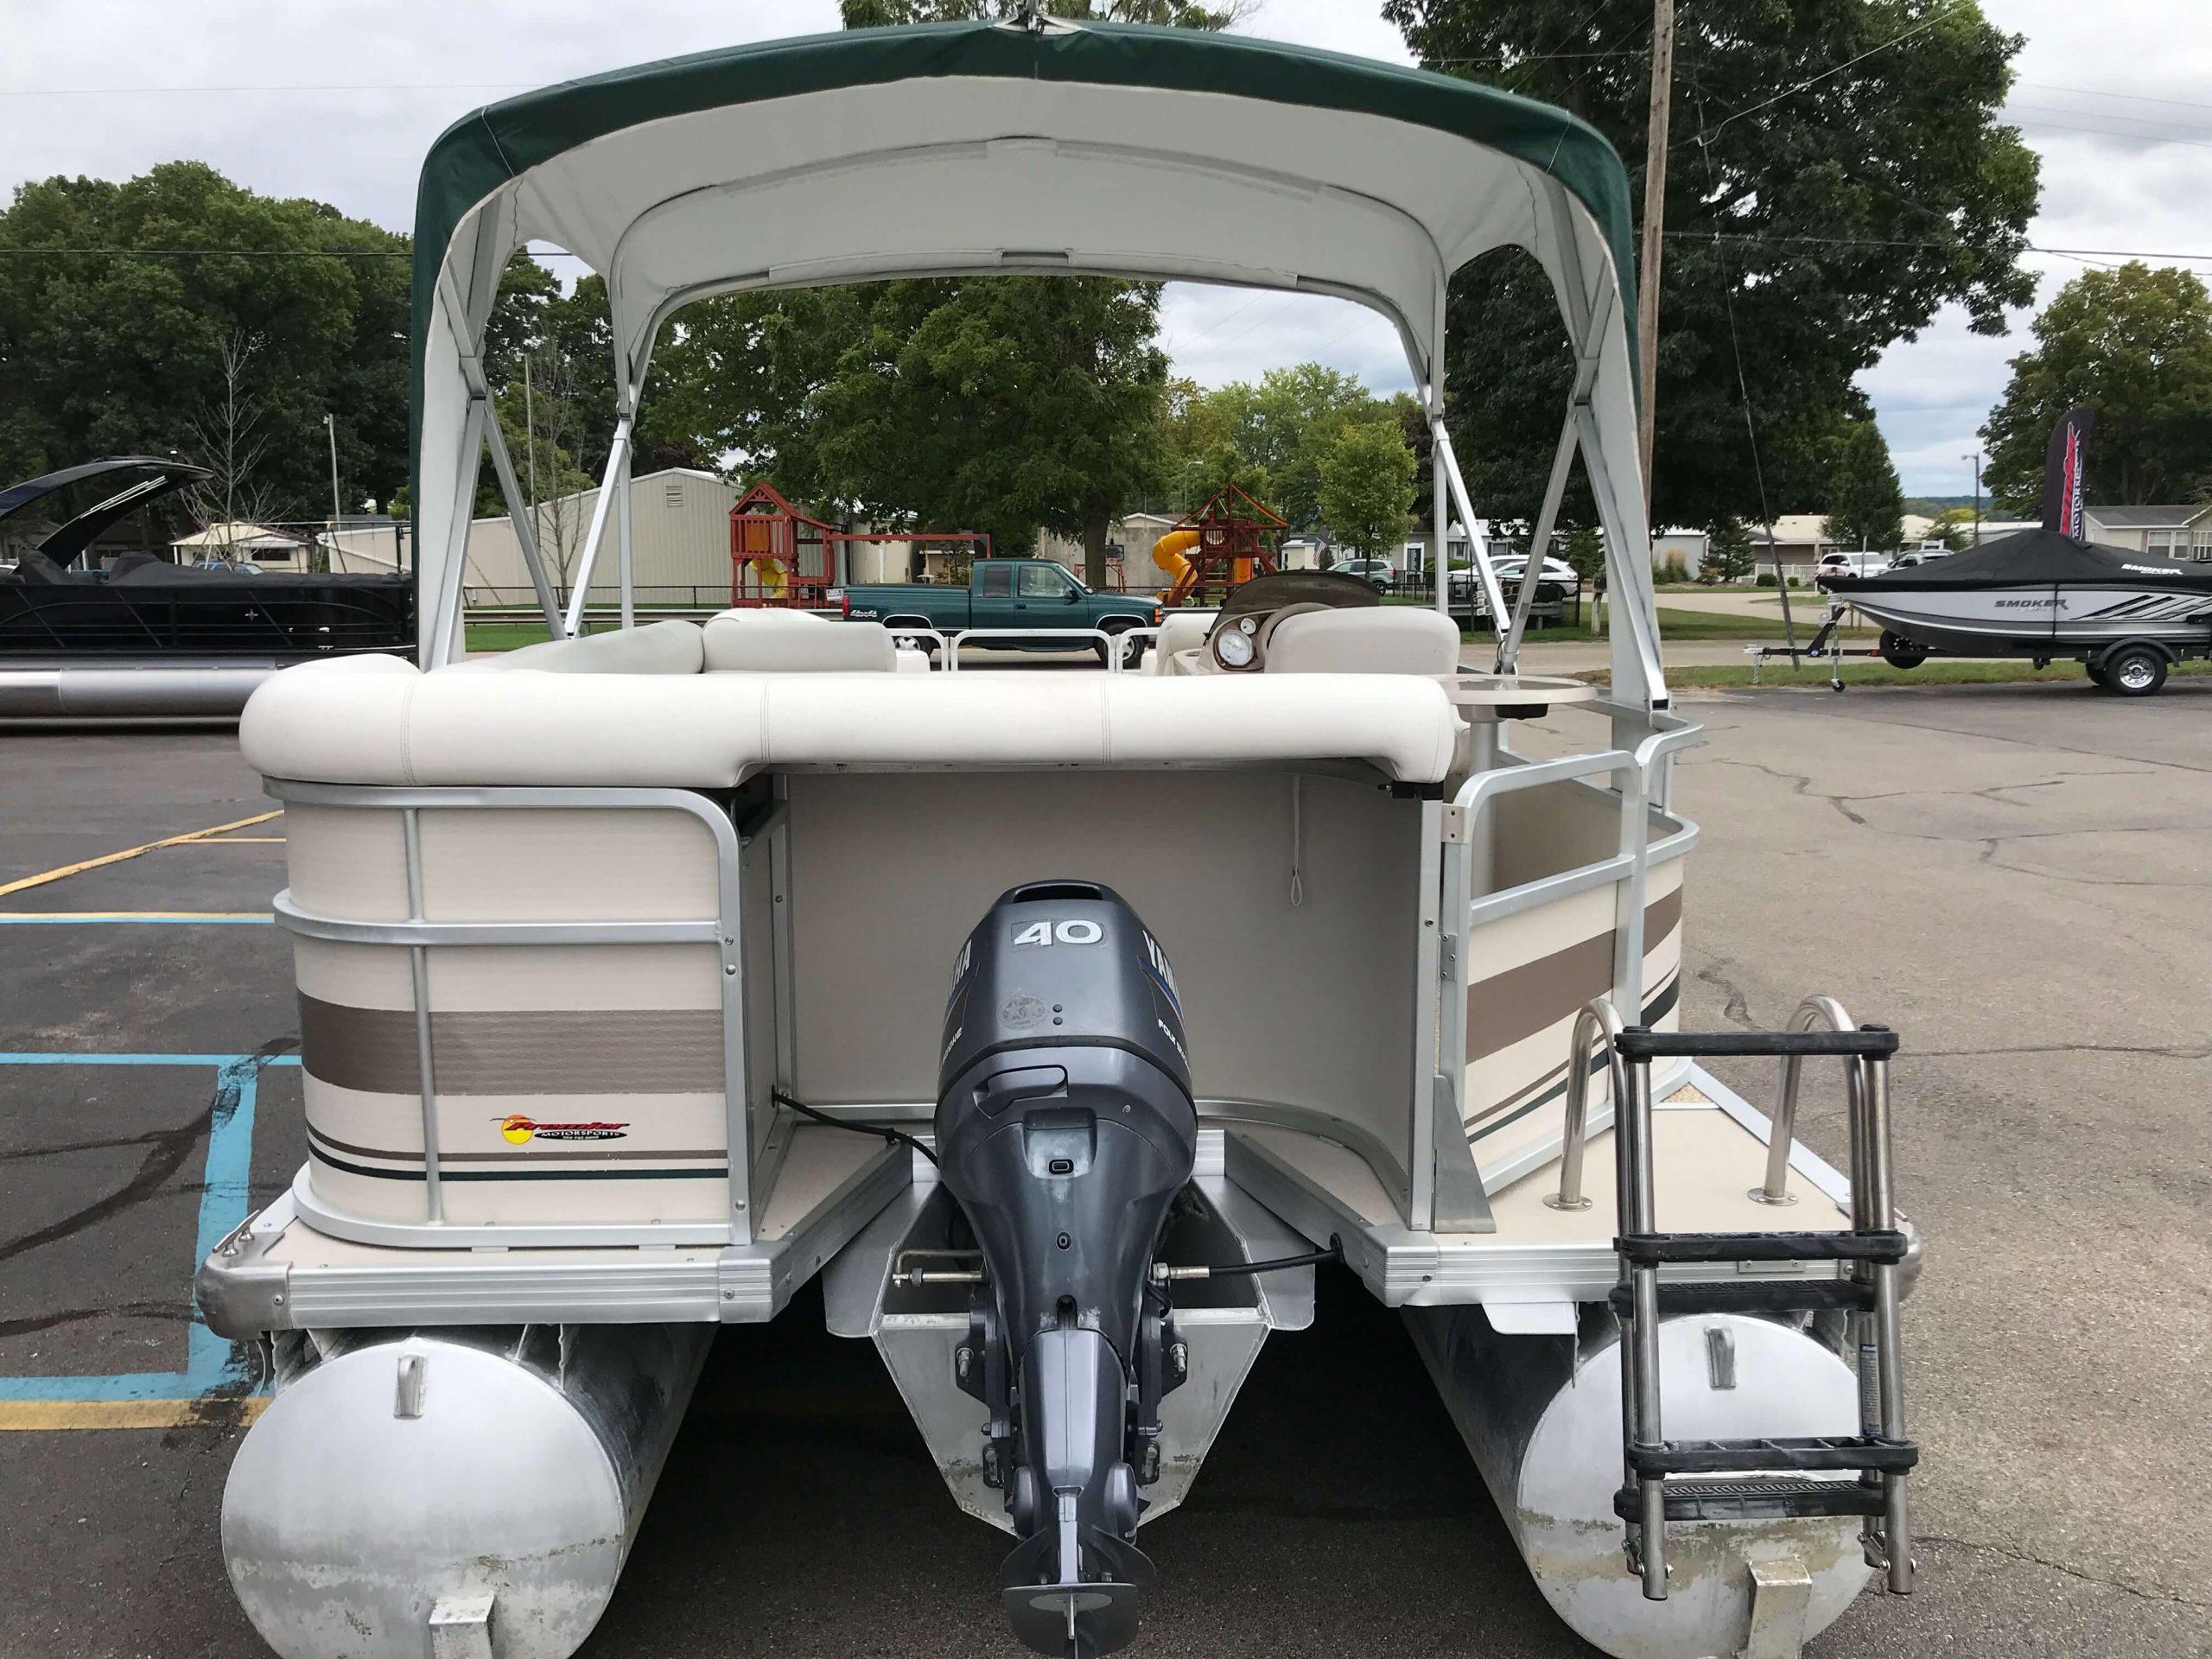 2005 Premier 225 Sunsation RE Pontoon Boat 15